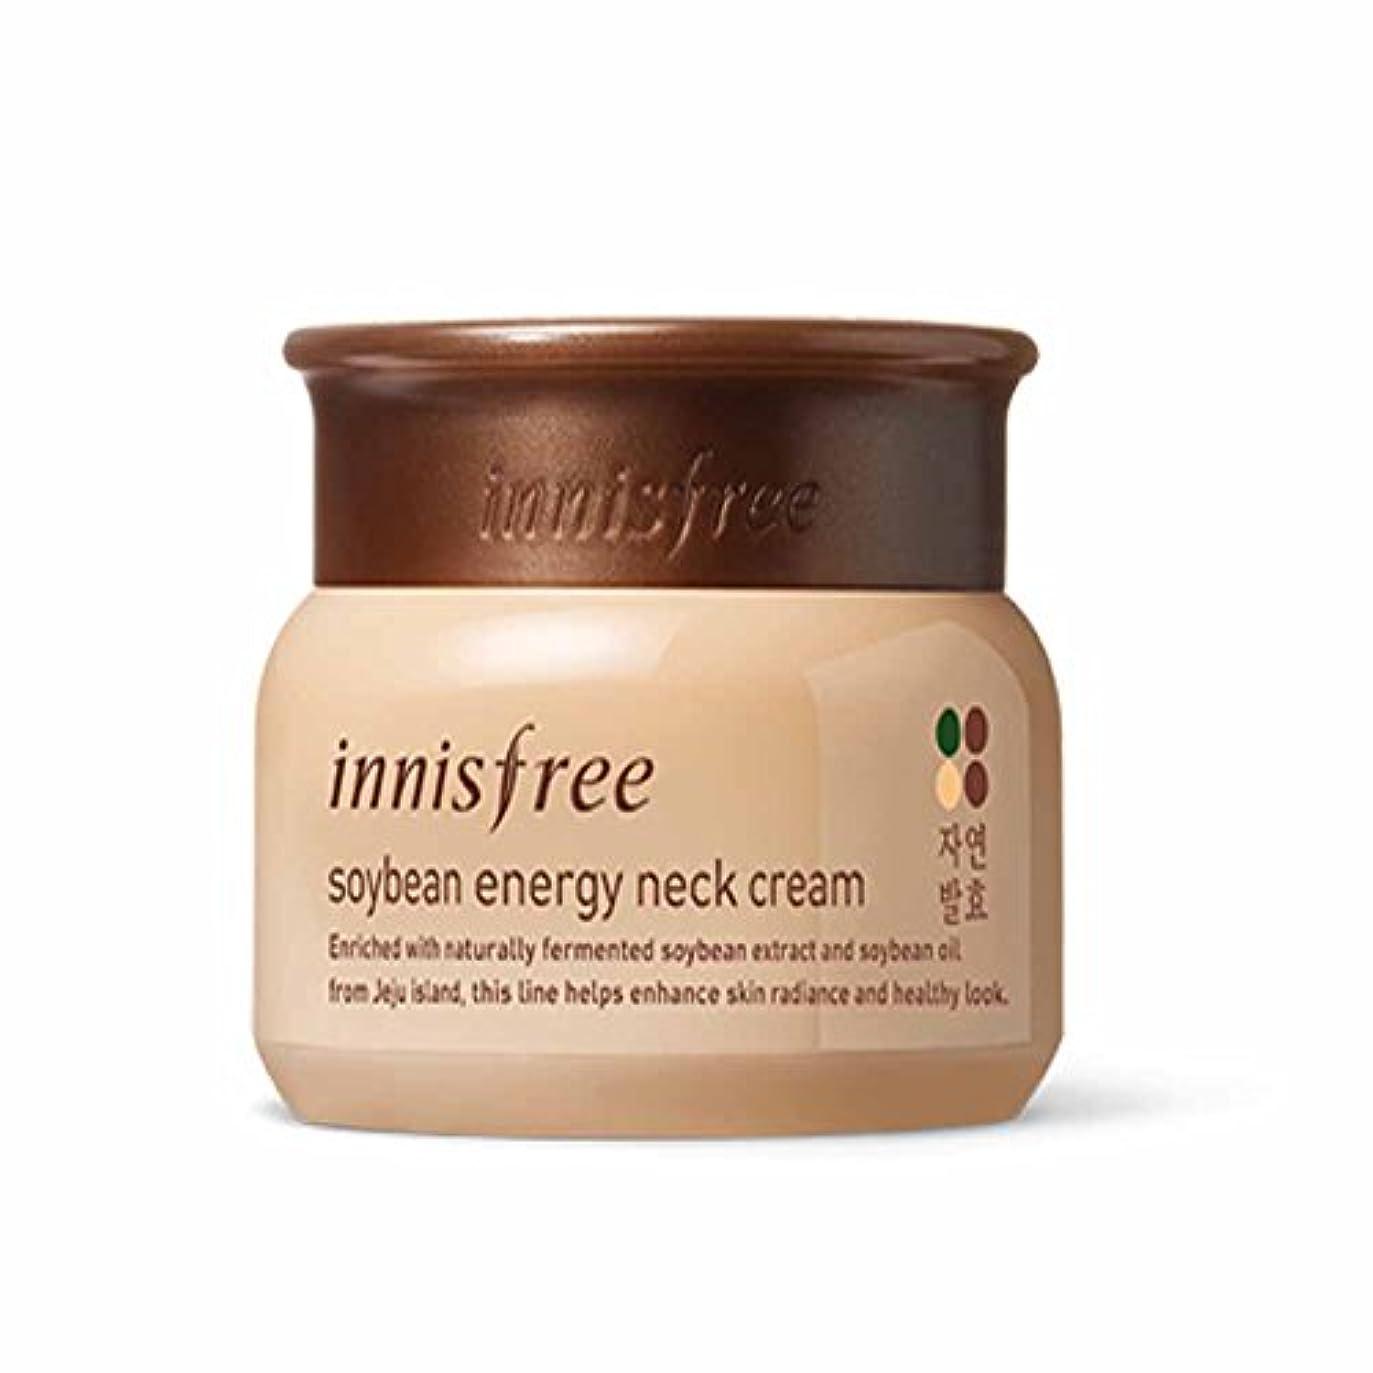 まもなく無し飢イニスフリーソーイングエナジーネッククリーム80ml / Innisfree Soybean Energy Neck Cream 80ml[海外直送品] [並行輸入品]